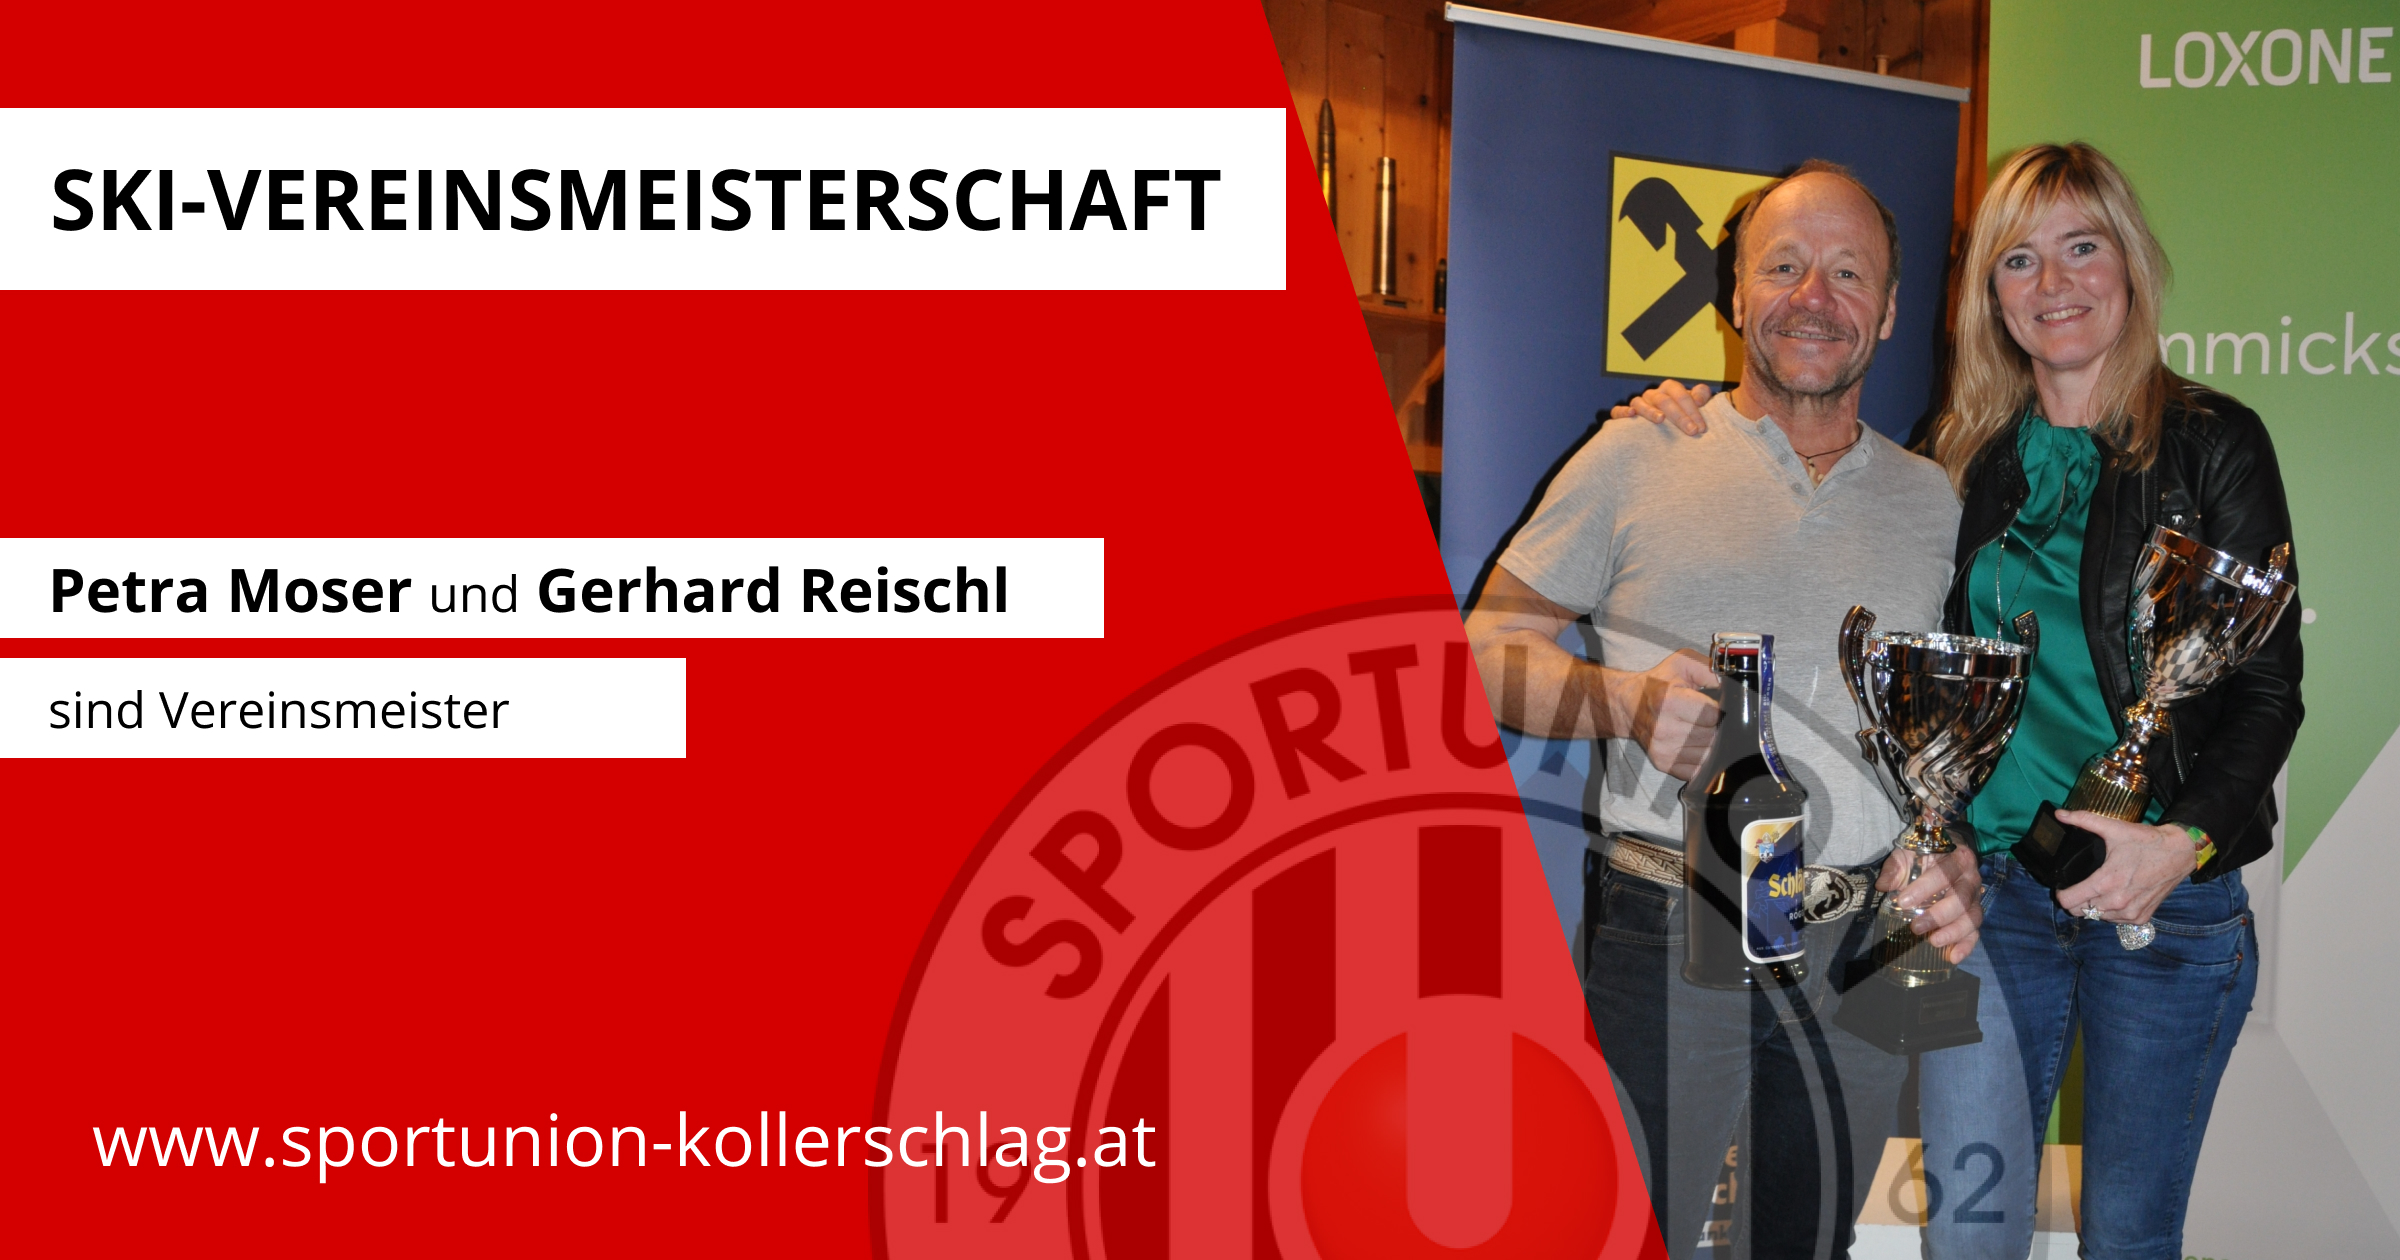 Petra Moser und Gerhard Reischl sind Vereinsmeister